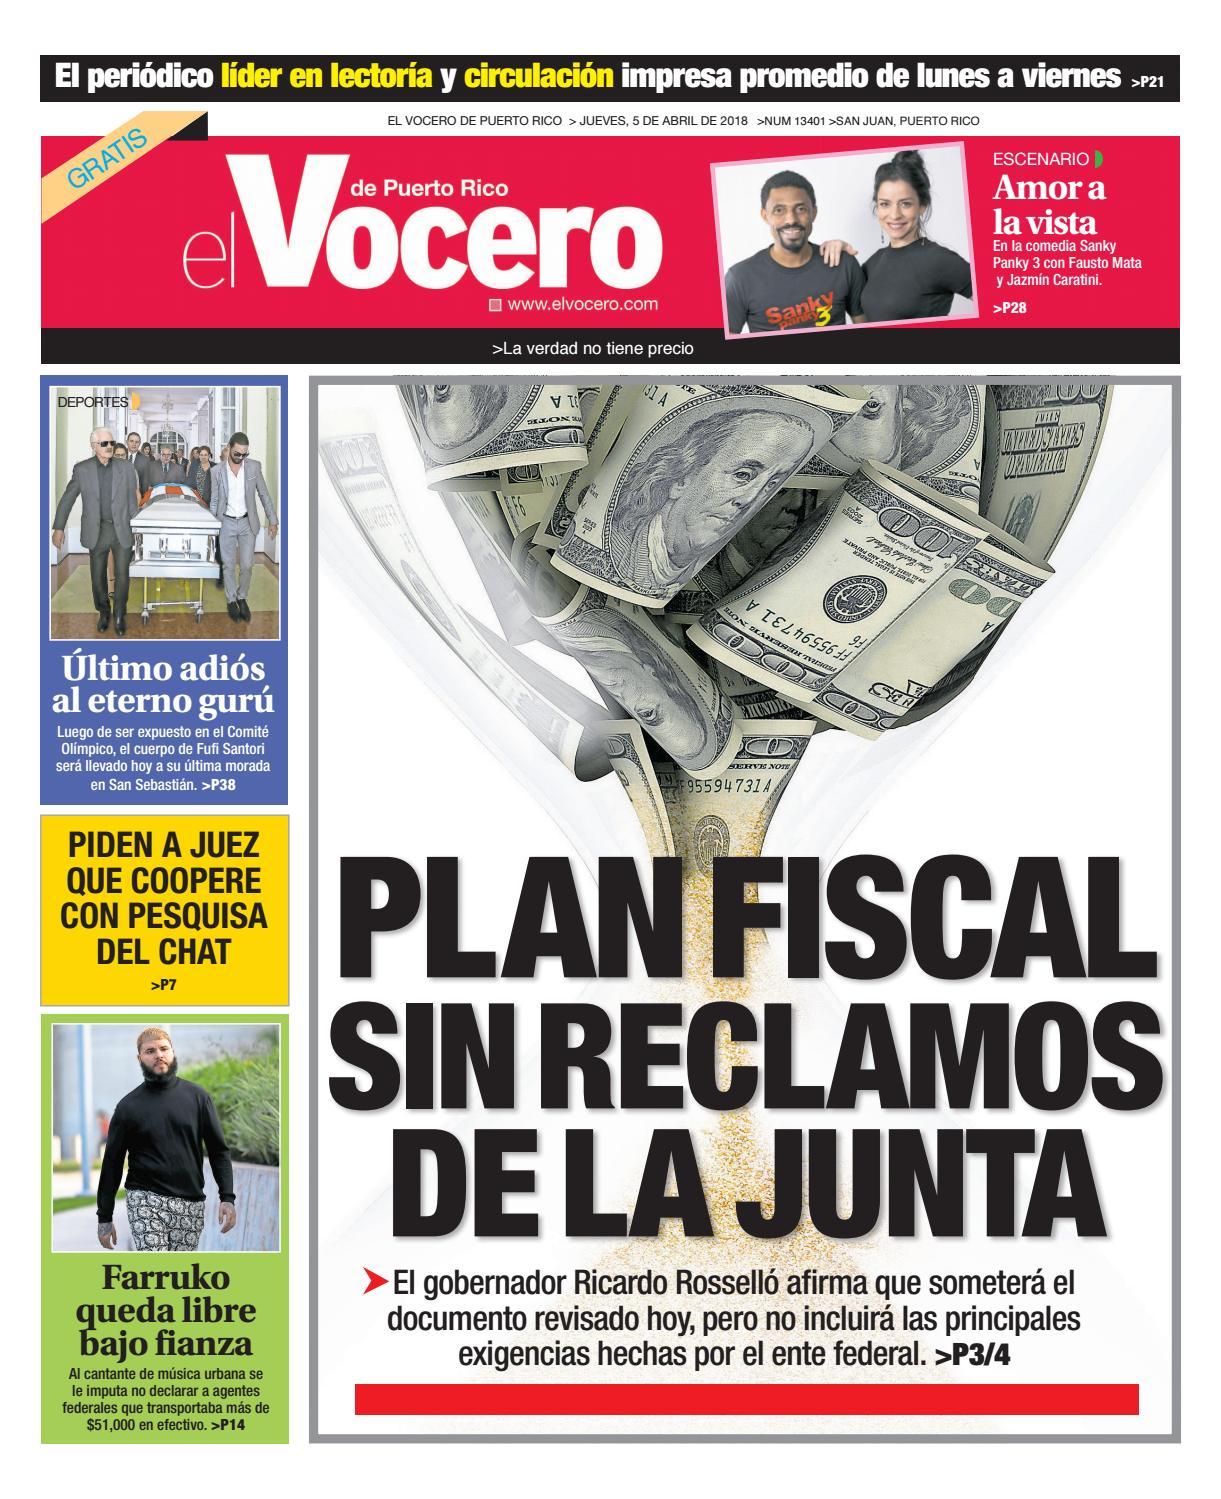 03084a4f3 Edición del 5 de abril de 2018 by El Vocero de Puerto Rico - issuu